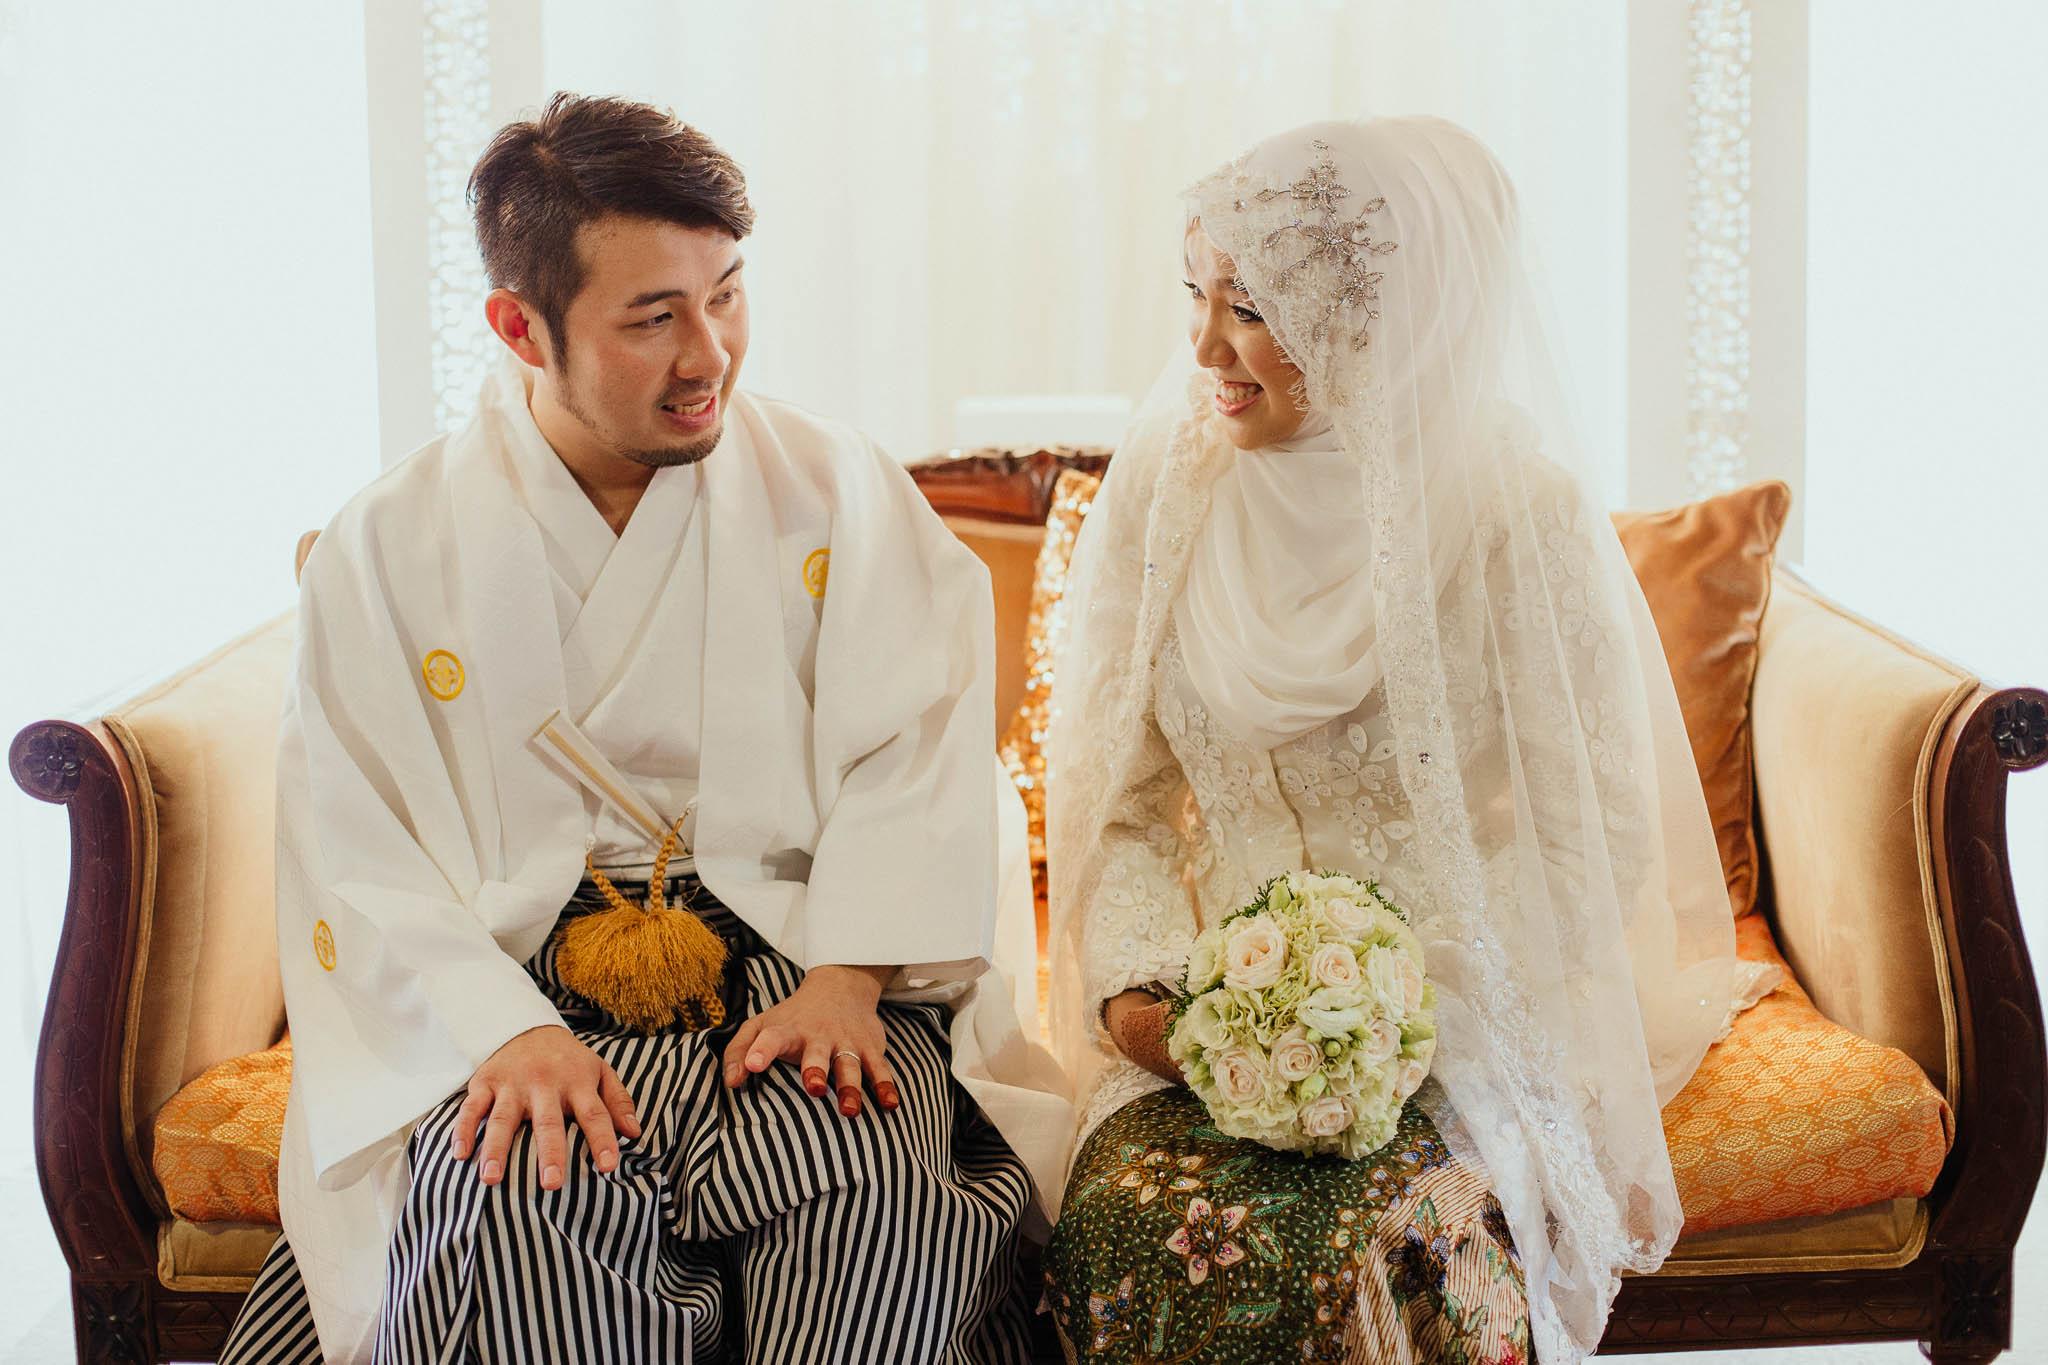 singapore-wedding-photographer-travel-wemadethese-atara-hafizah-25.jpg